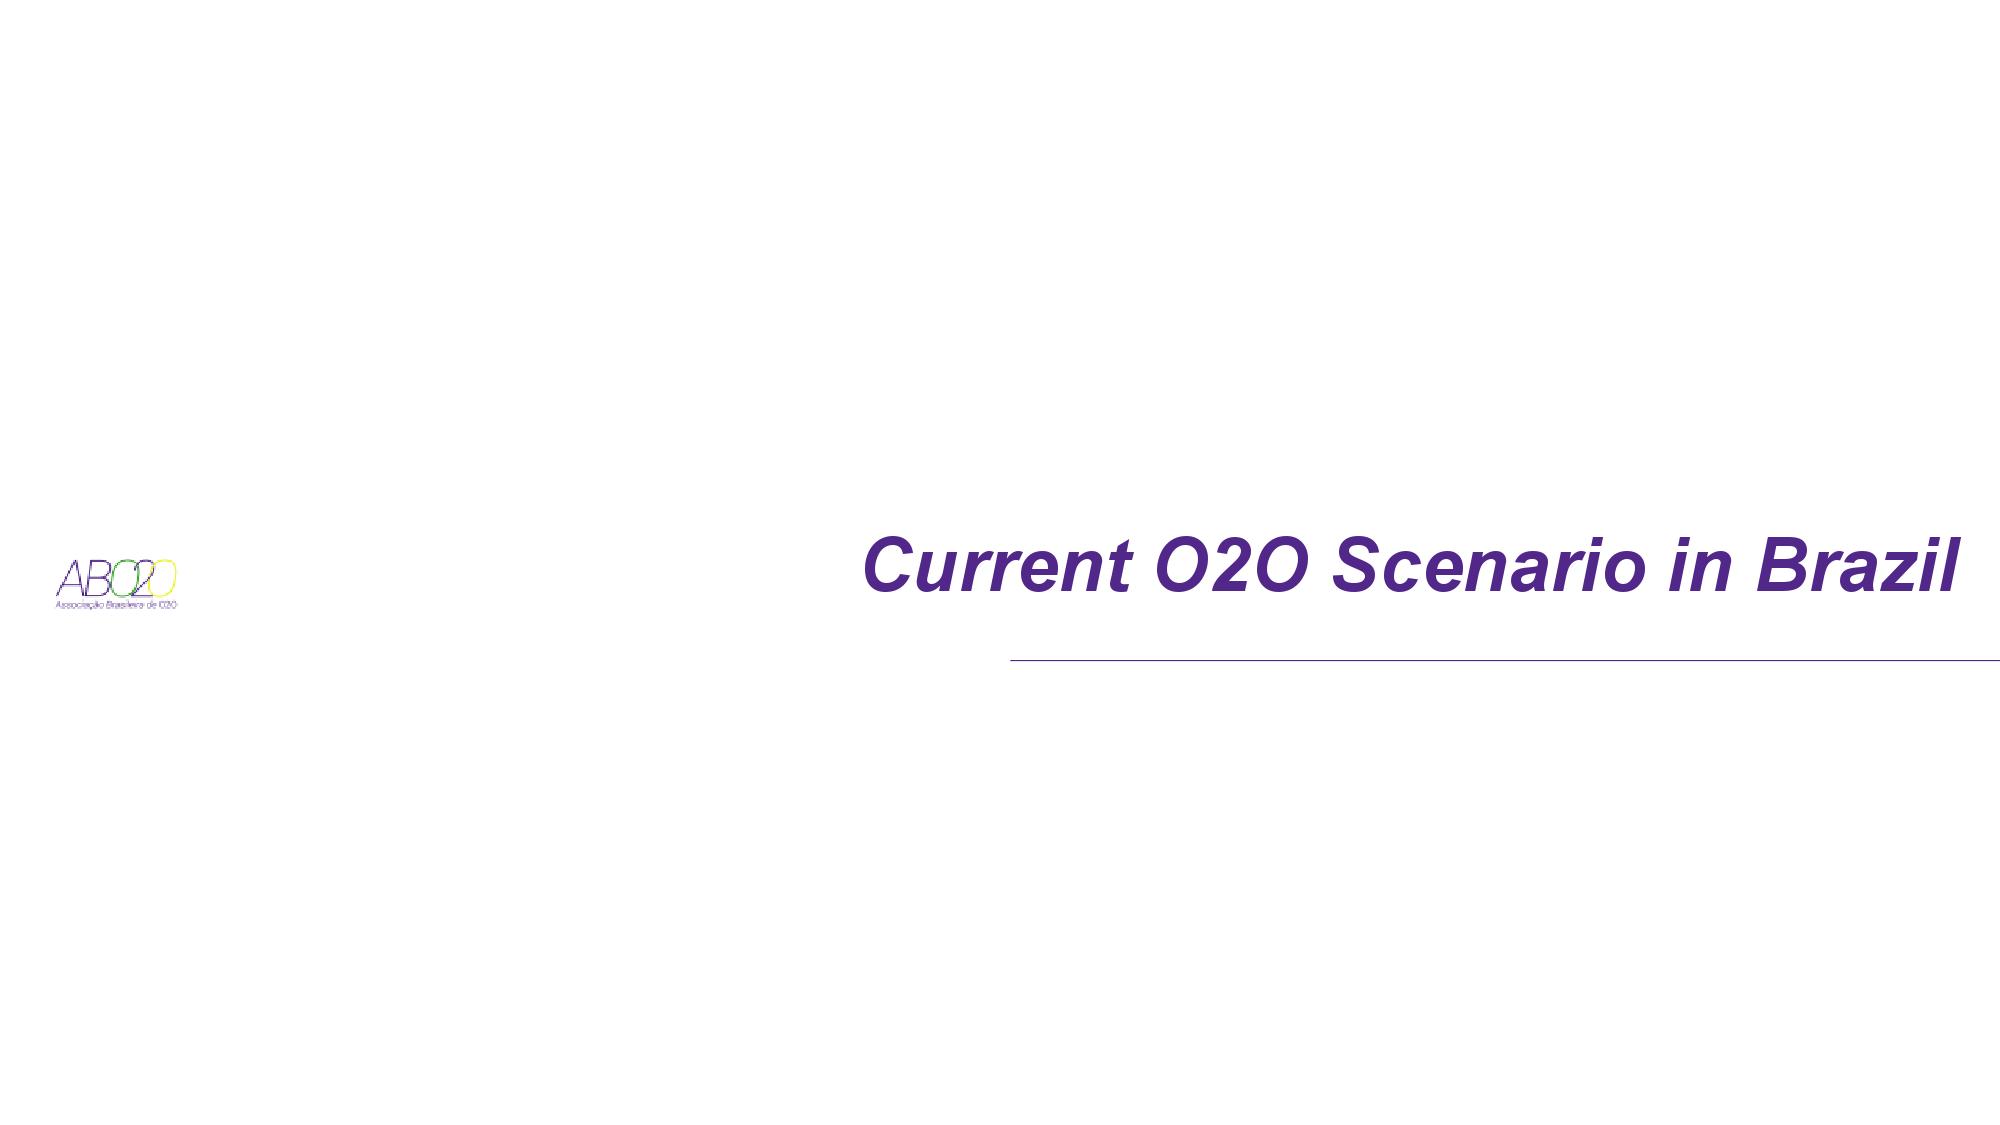 巴西O2O行业白皮书_000013